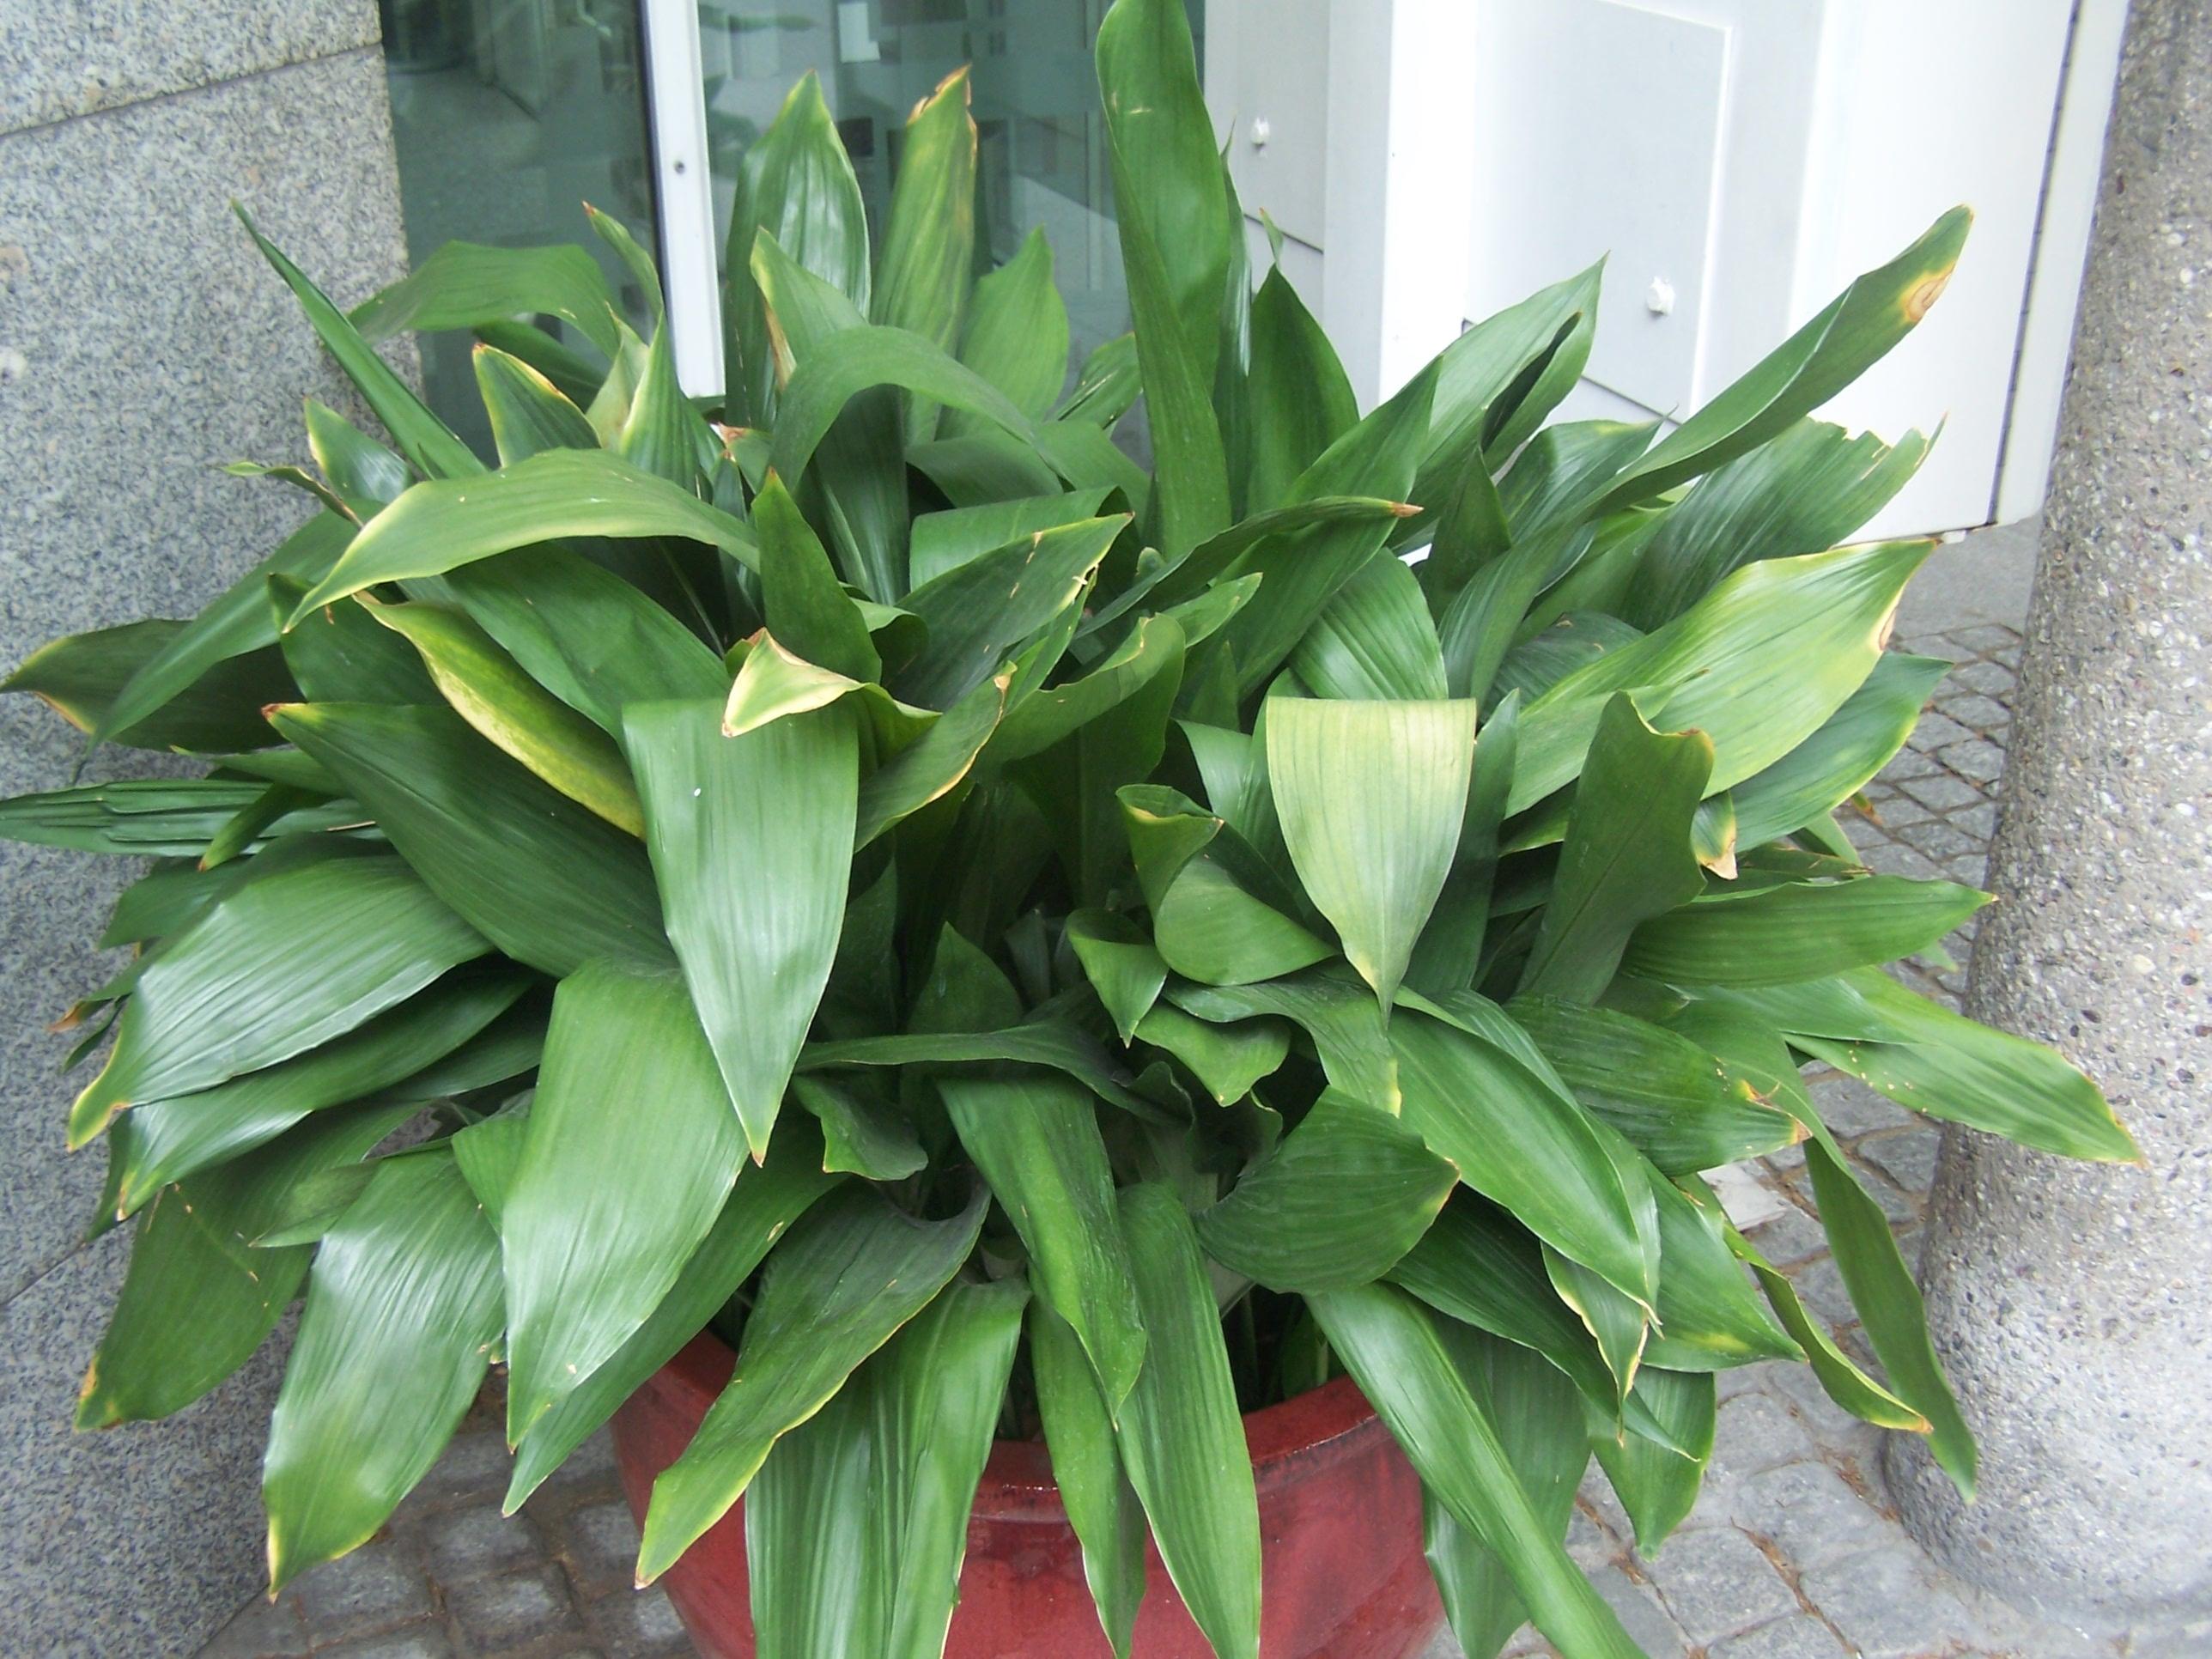 Piante da appartamento poca luce piante da interno piante che necessitano di poca luce - Piante da interno poca luce ...